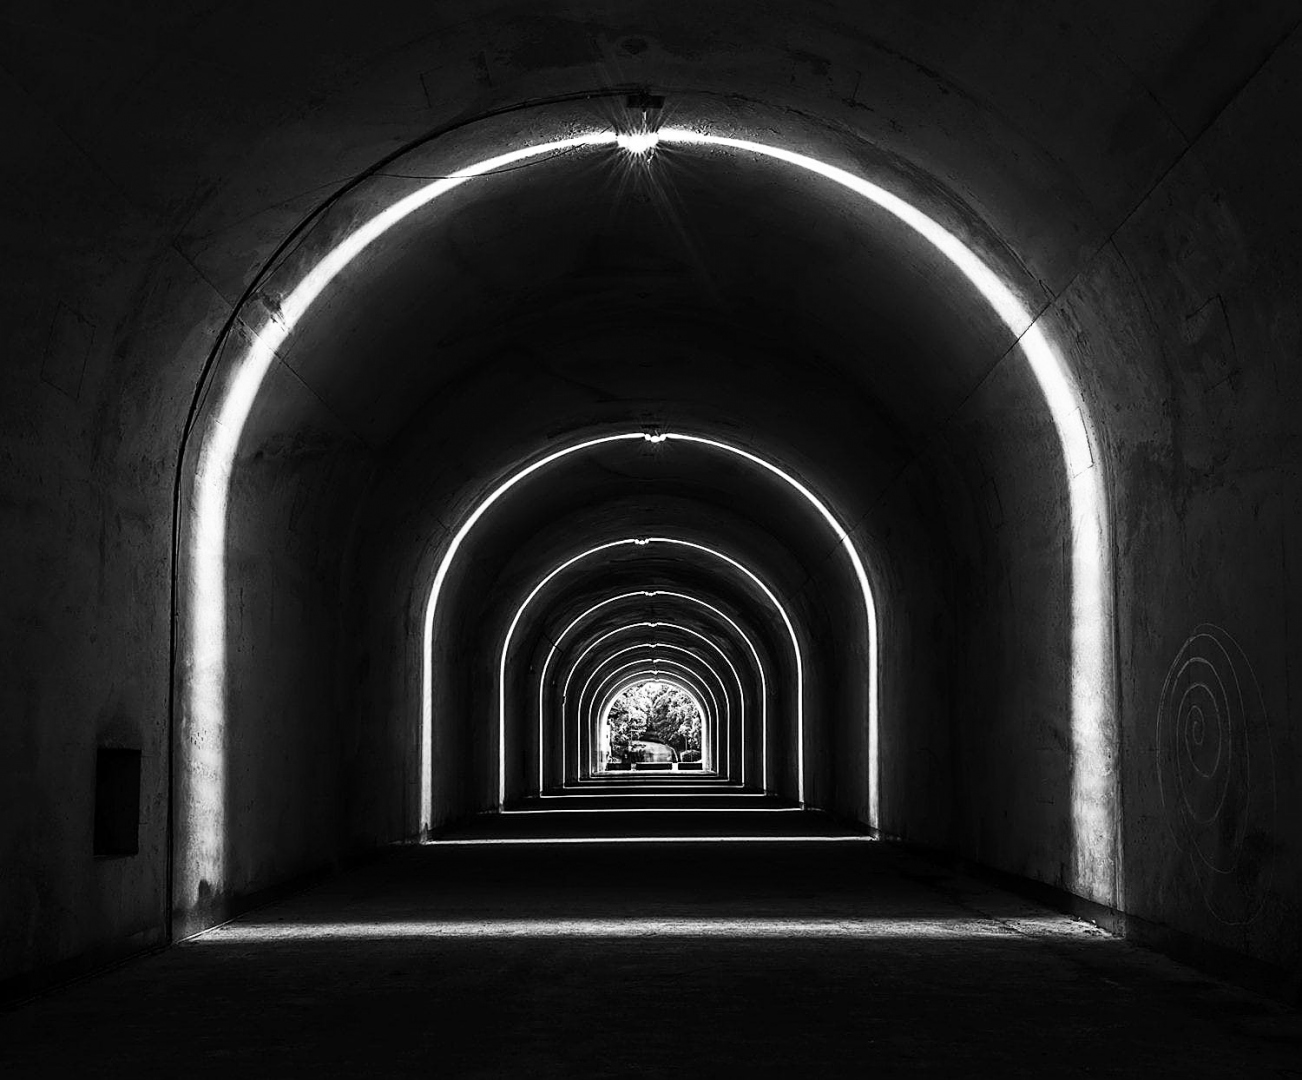 Fotografia de Rua/Tunnel with illuminated arches